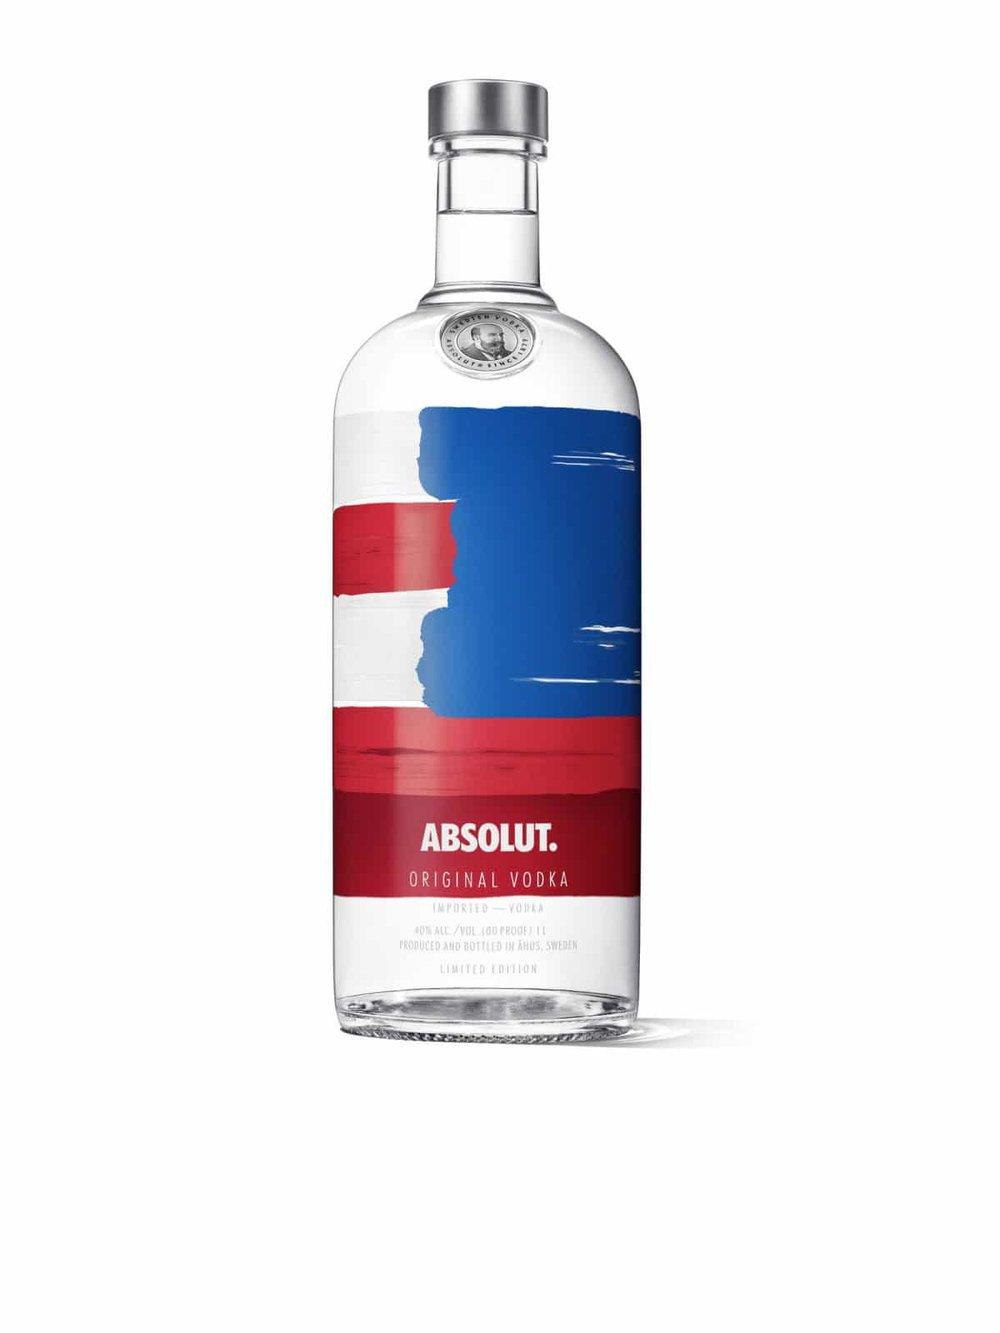 Absolut_America_Bottle_Image.jpg